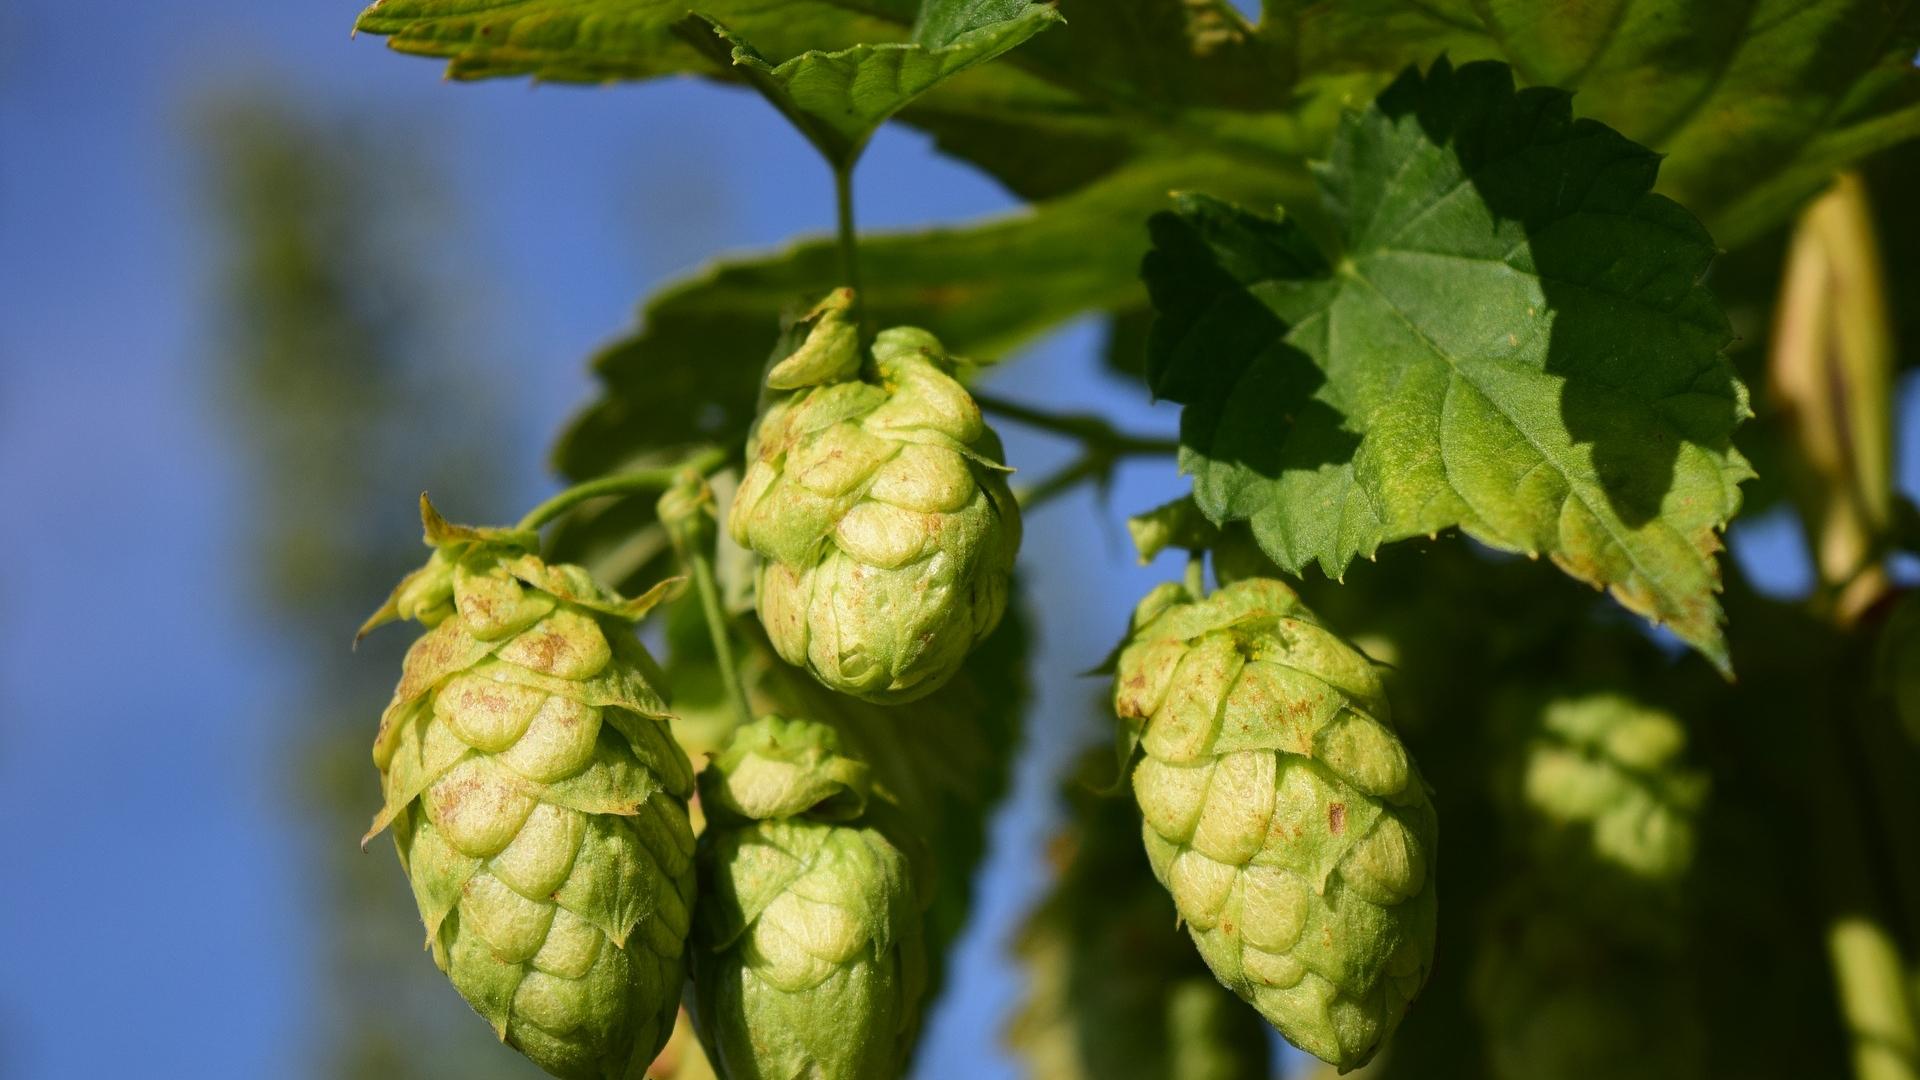 Hopfen, Malz, Wasser und ein guter Braumeister ergeben ein gutes Bier.